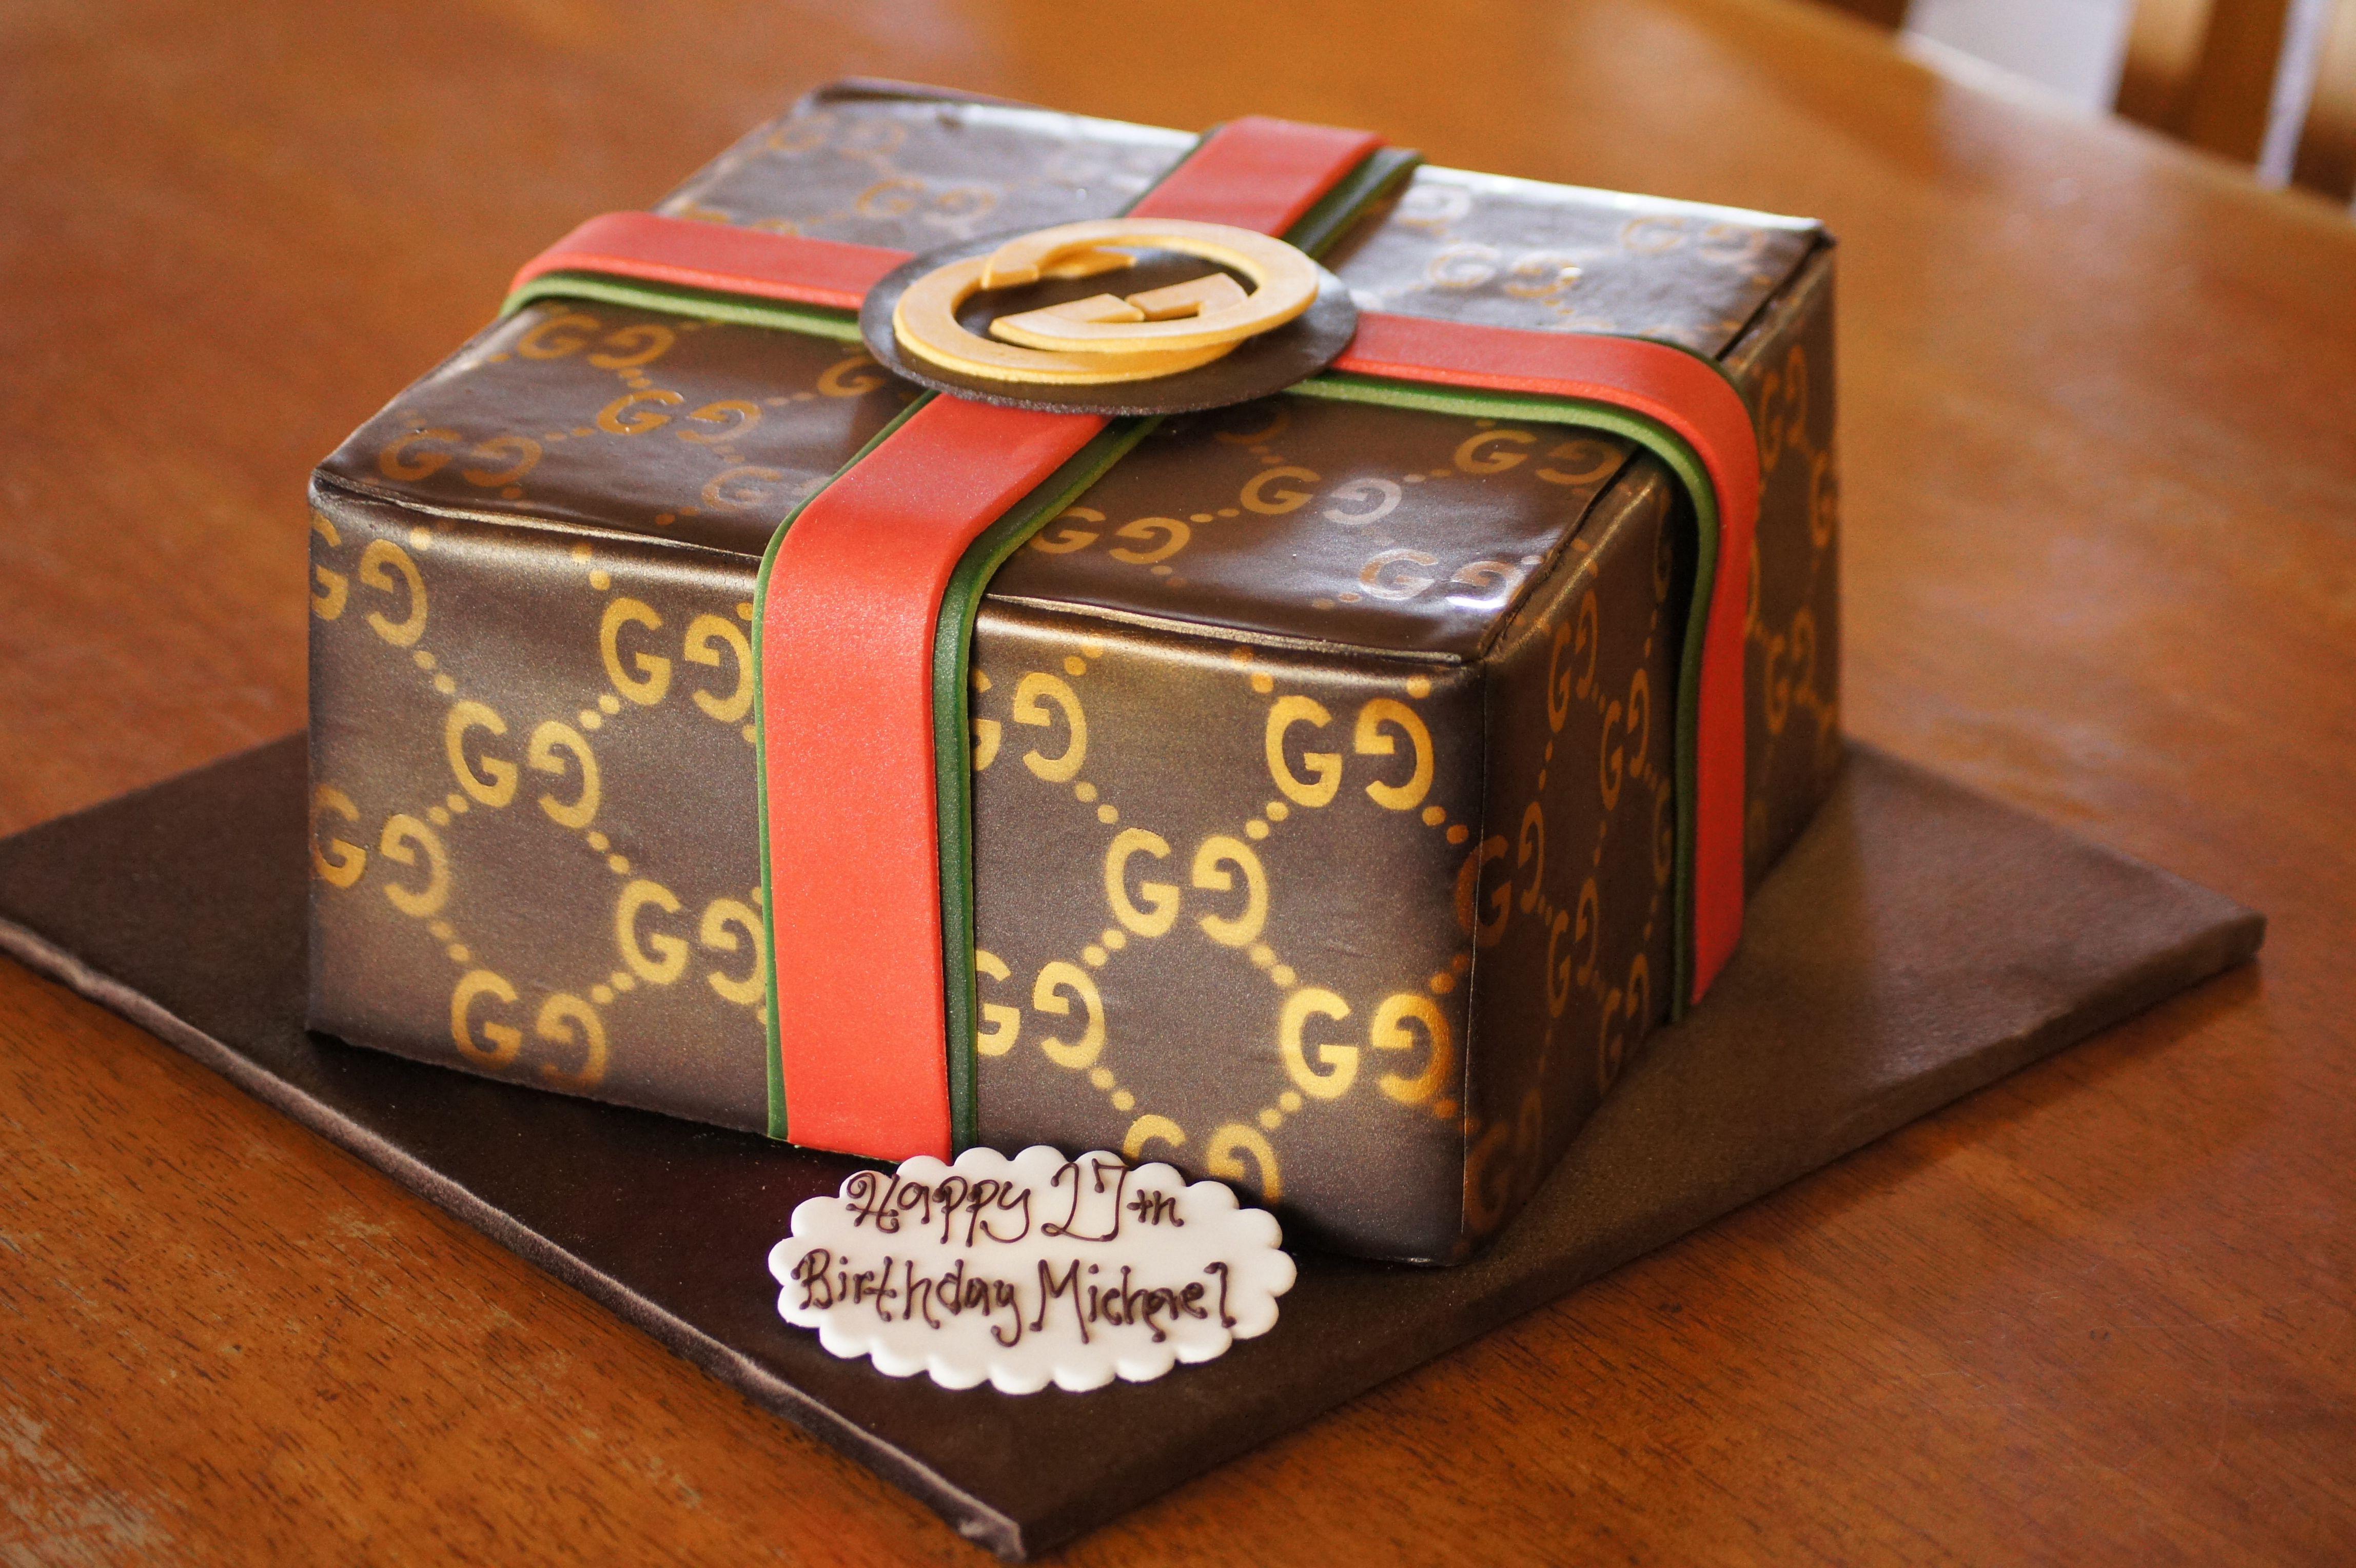 Gucci gift box birthday cake